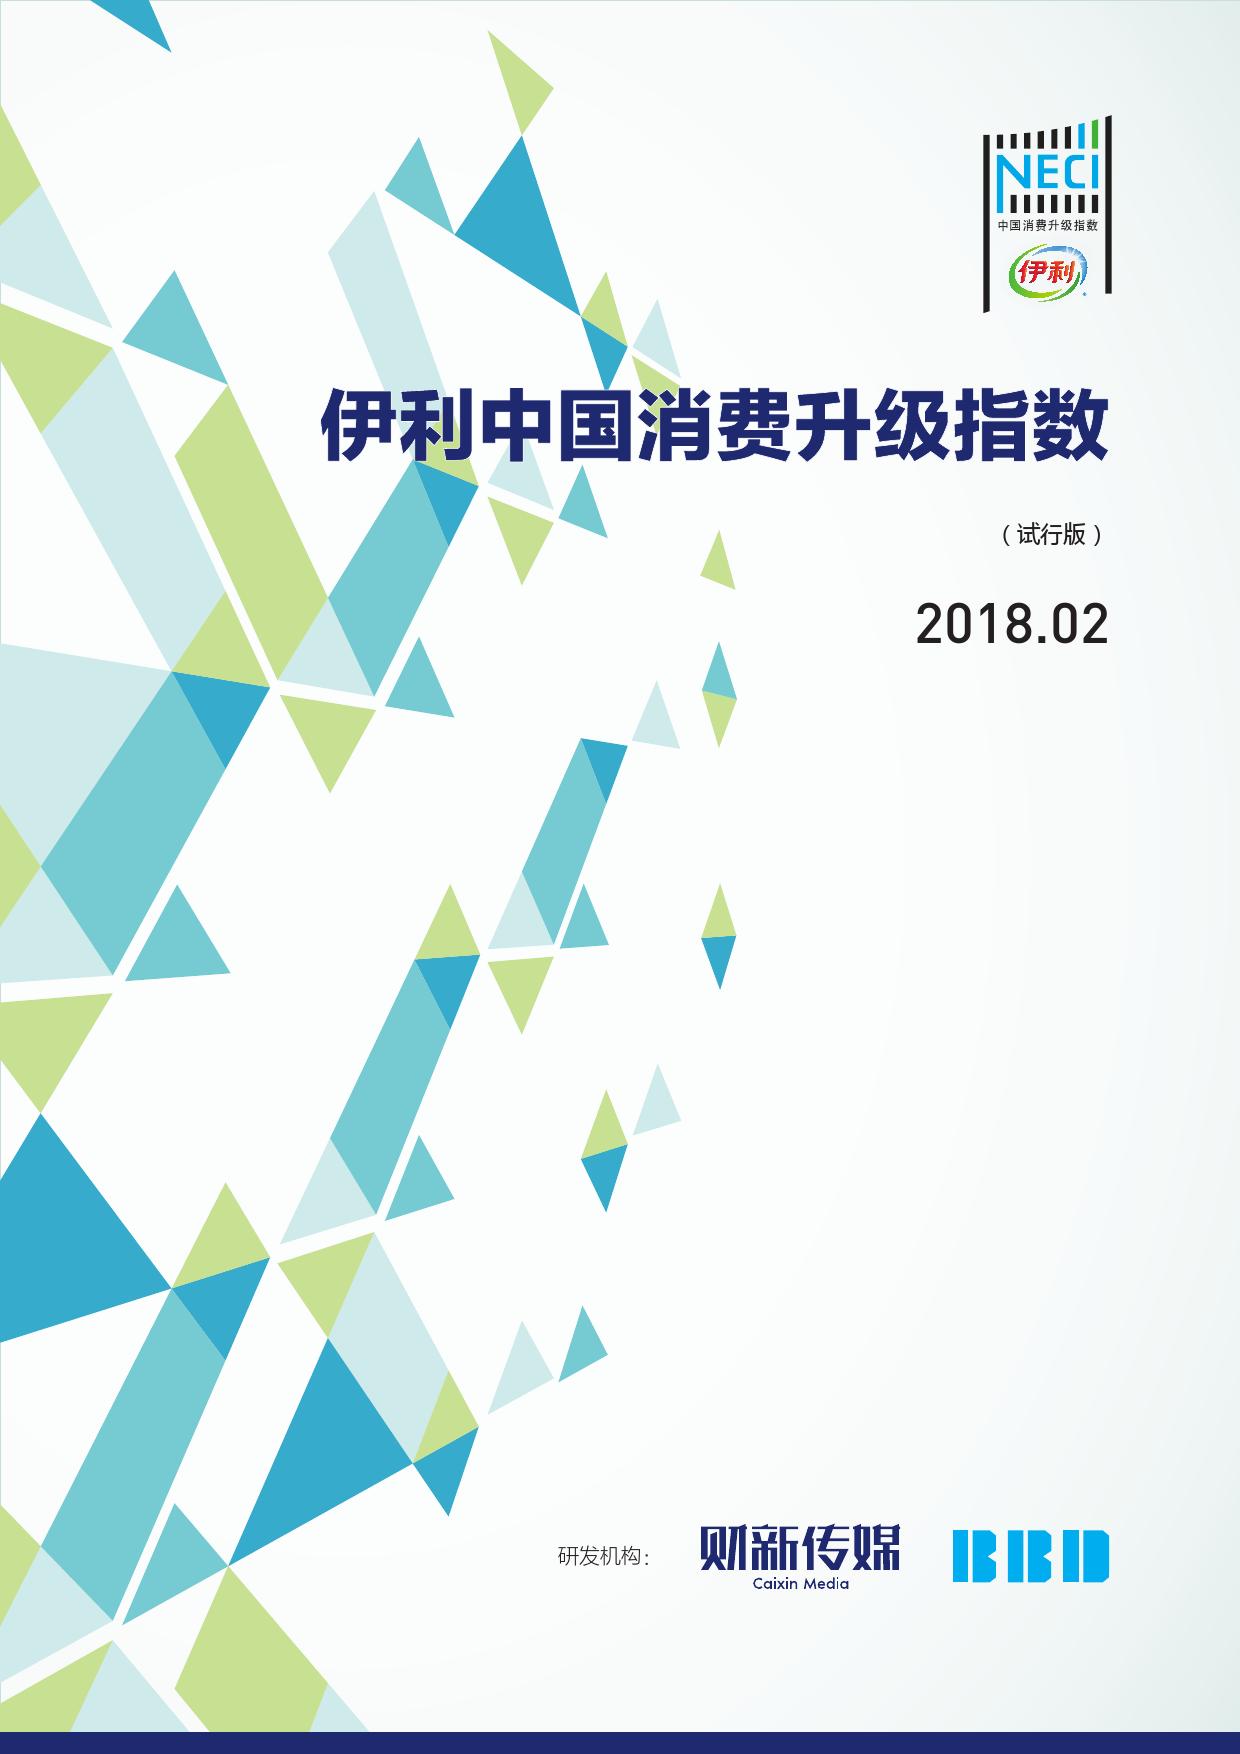 财新传媒&BBD:2018年2月伊利中国消费升级指数(附下载)